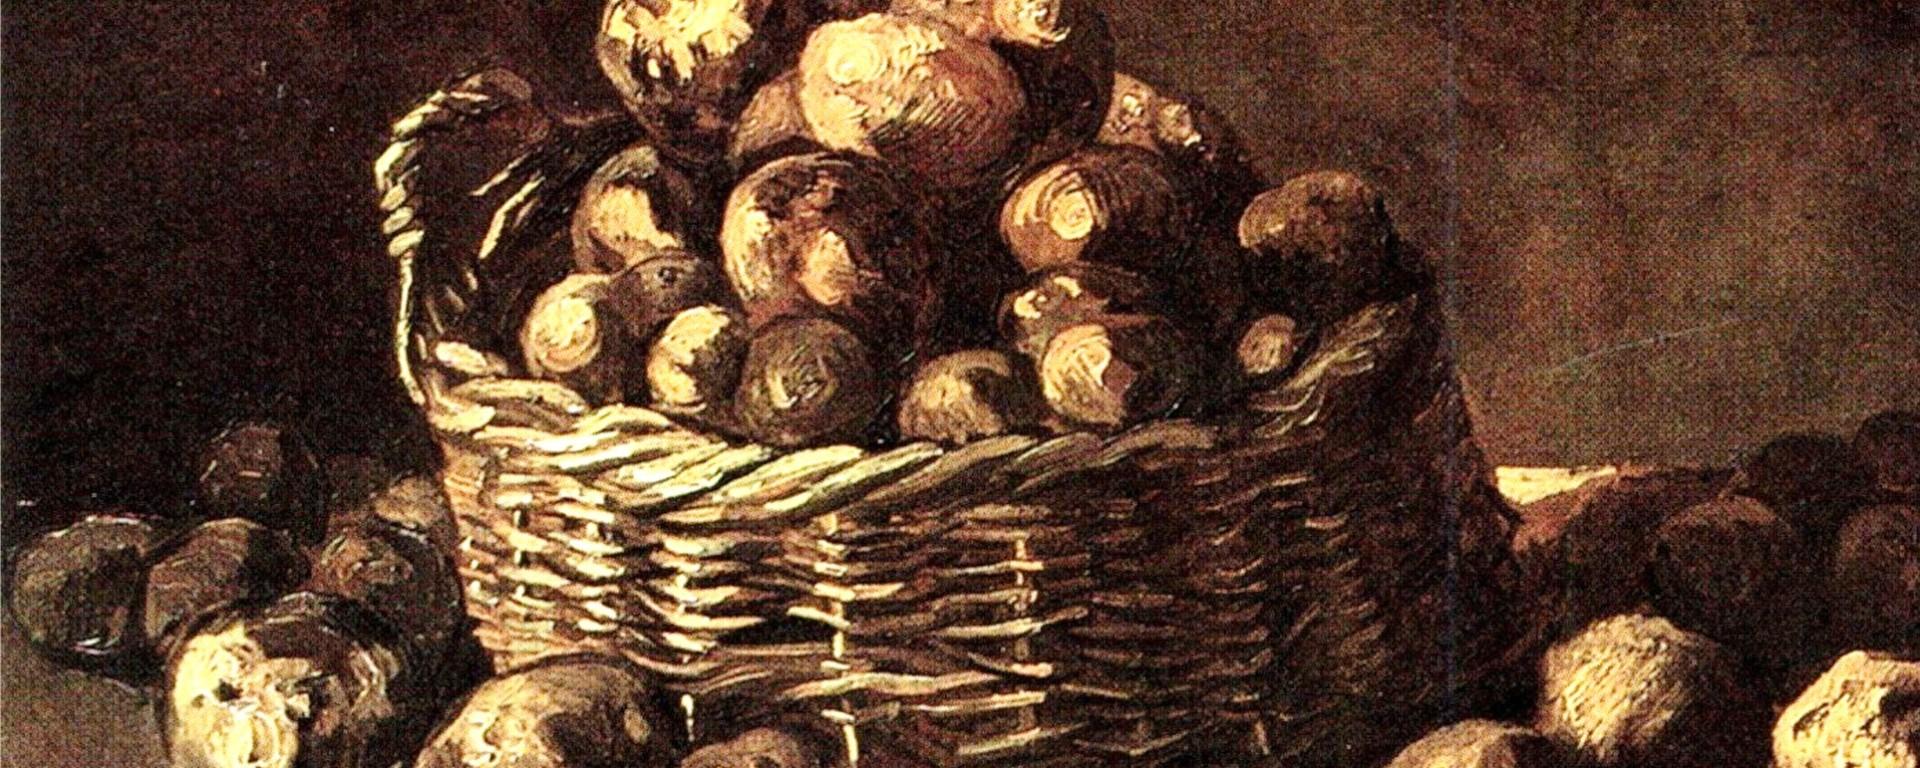 Grémio Geográphico. Cesto de batatas, Vincent van Gogh (1885). (C) Van Gogh. Museum, Amsterdam (Vincent van Gogh Foundation)